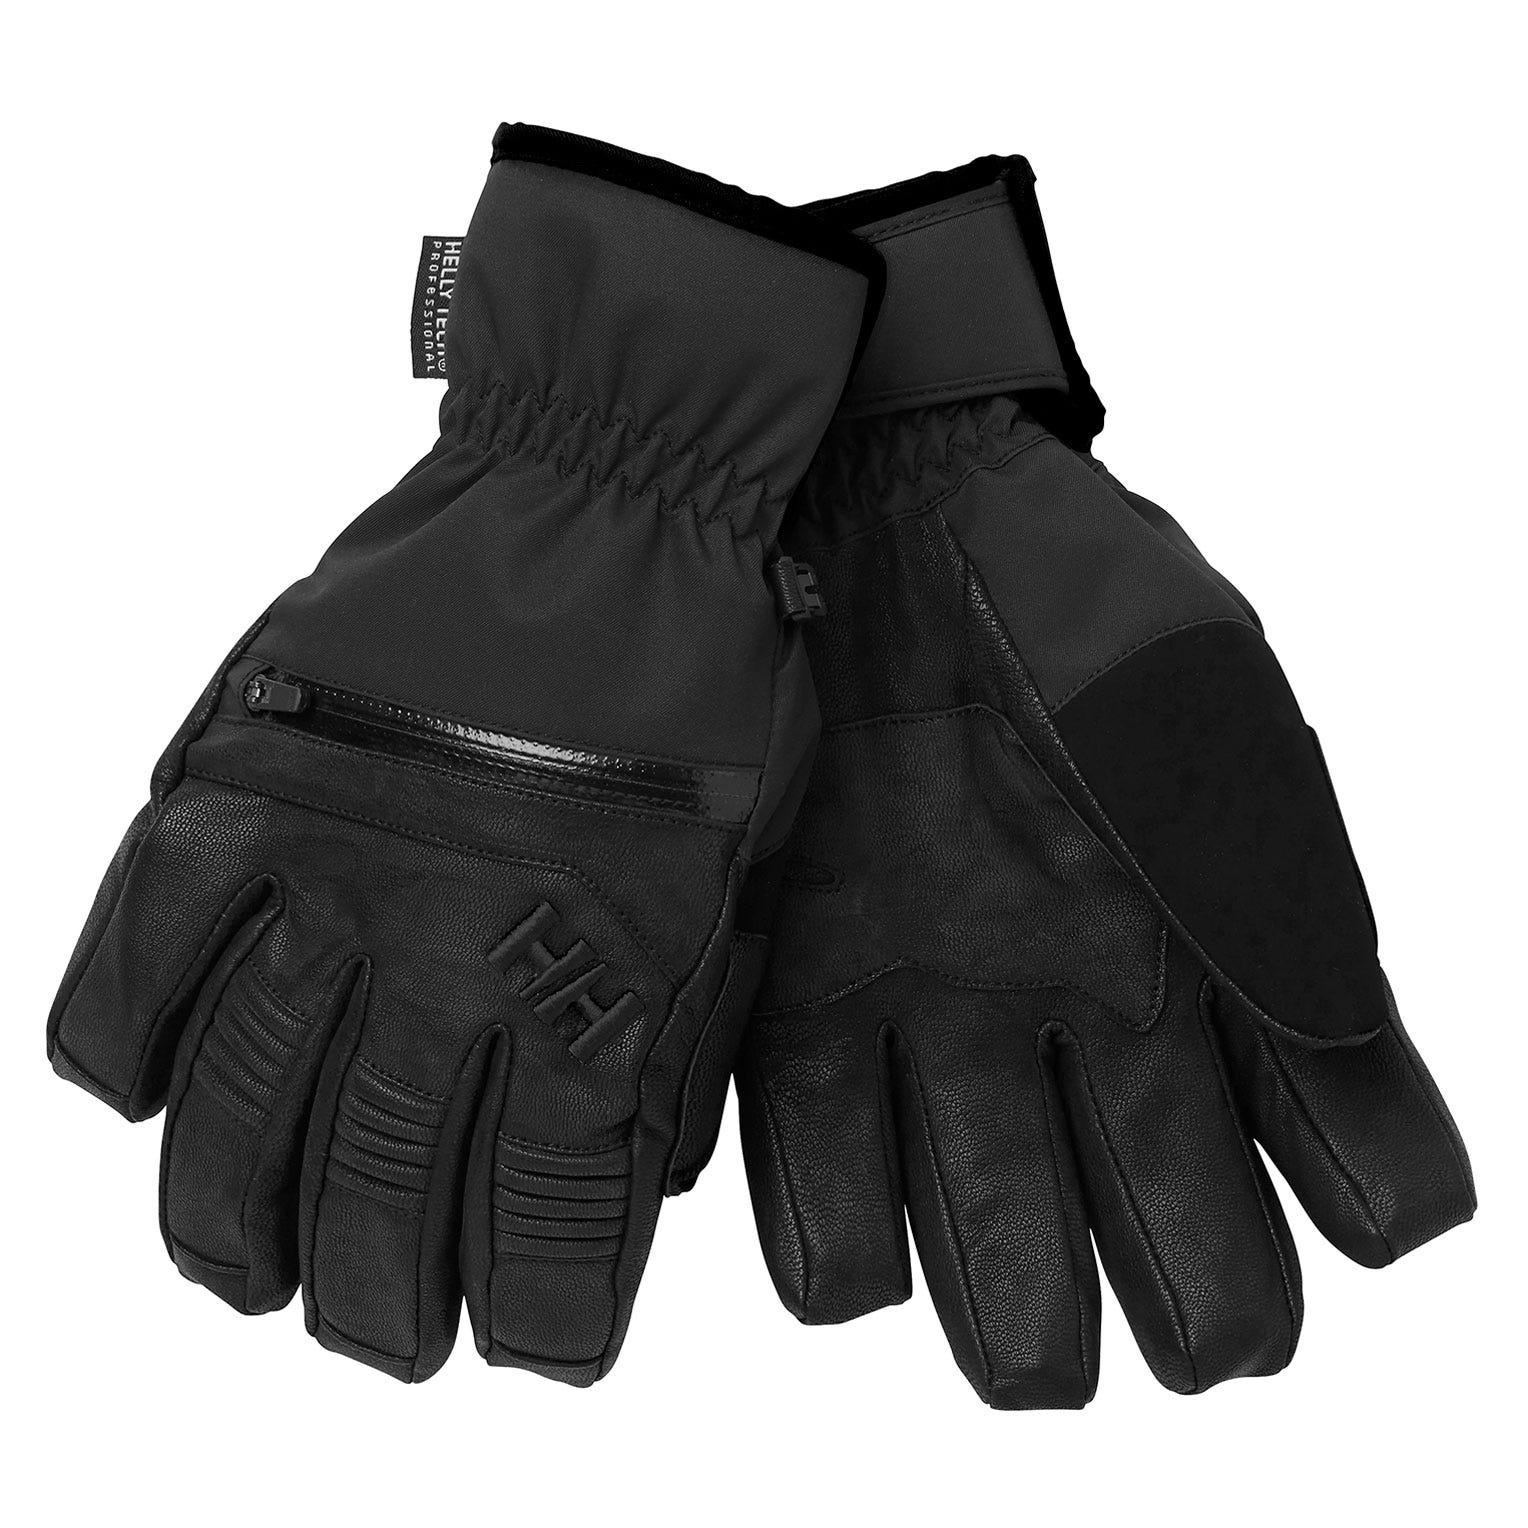 Helly Hansen Alpha Warm Ht Glove Mens Black S